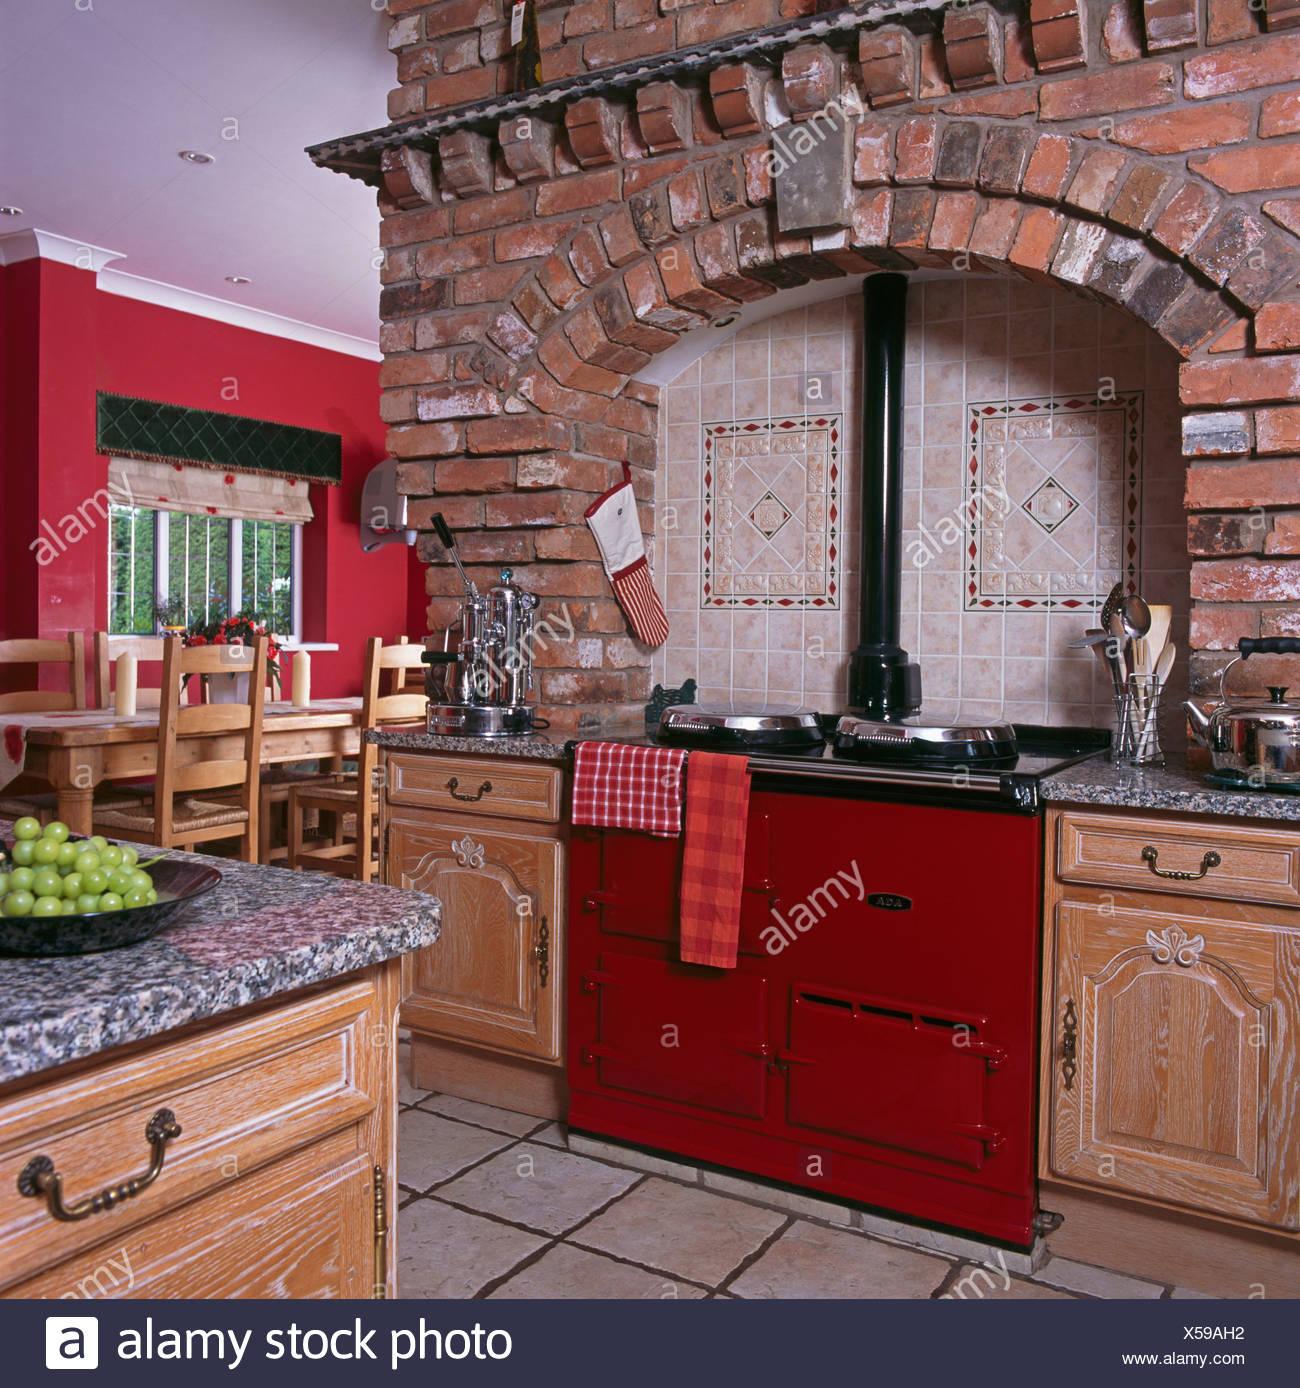 Dorable Pared De La Cocina Negro Azulejos Reino Unido Regalo - Ideas ...